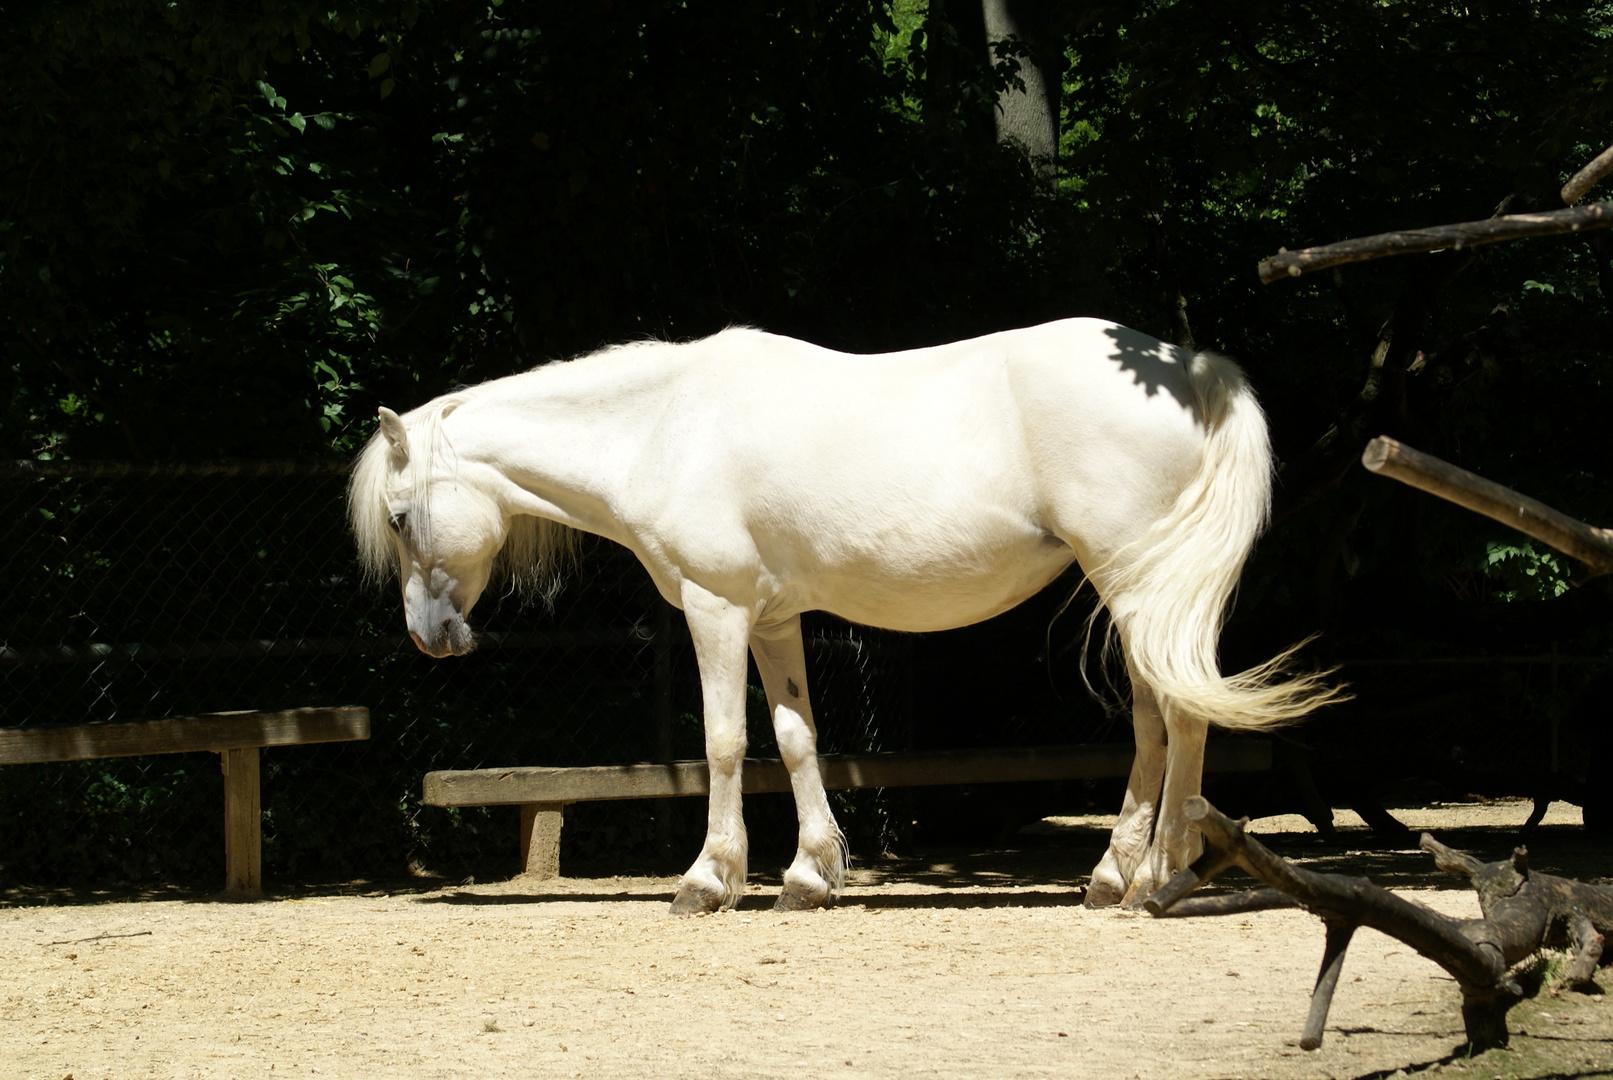 pferdchen oder nicht?